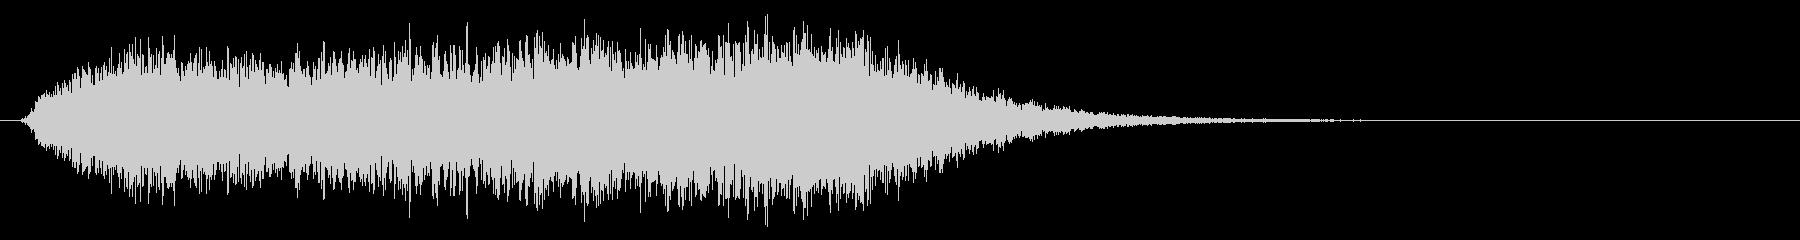 タイトルバック ホラー 18の未再生の波形